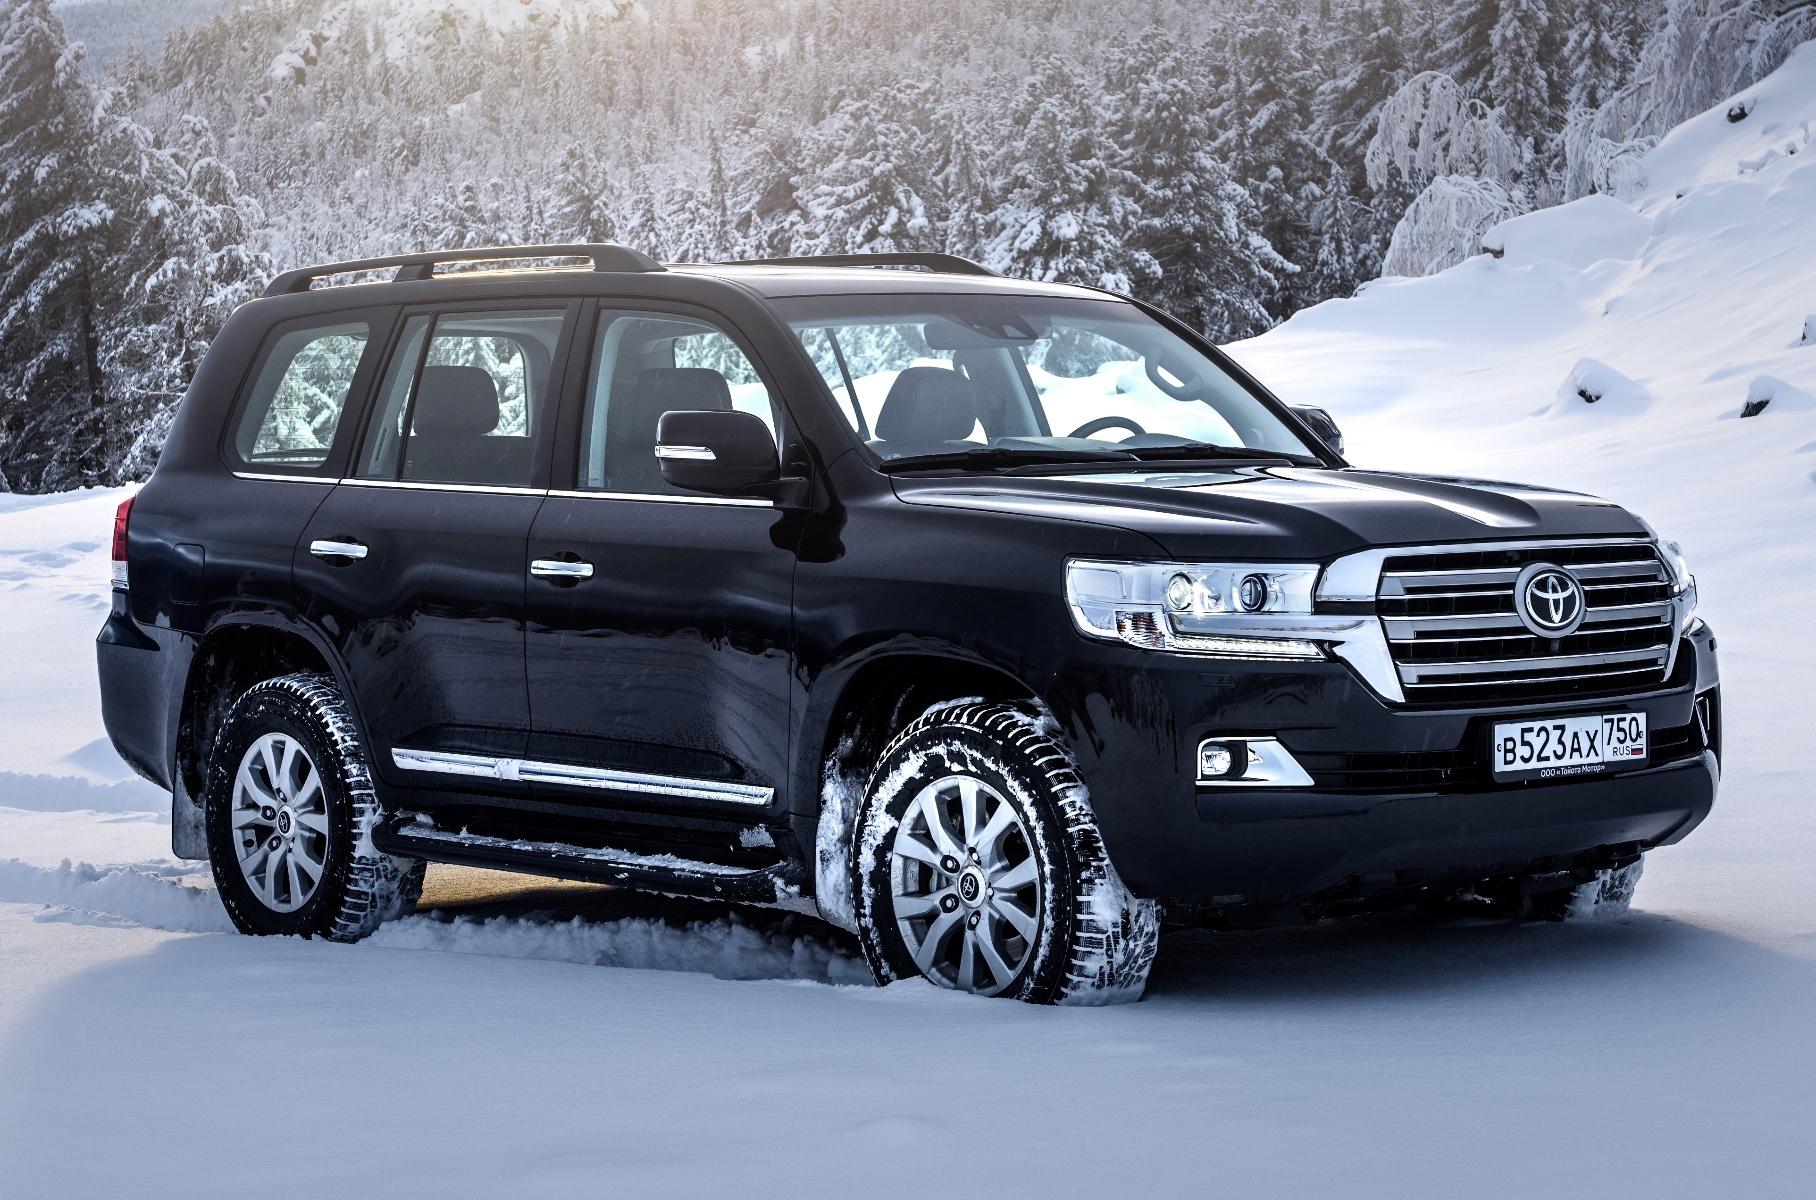 В Москве задержали водителя Toyota Land Cruiser, задолжавшего 4 000 000 рублей штрафов